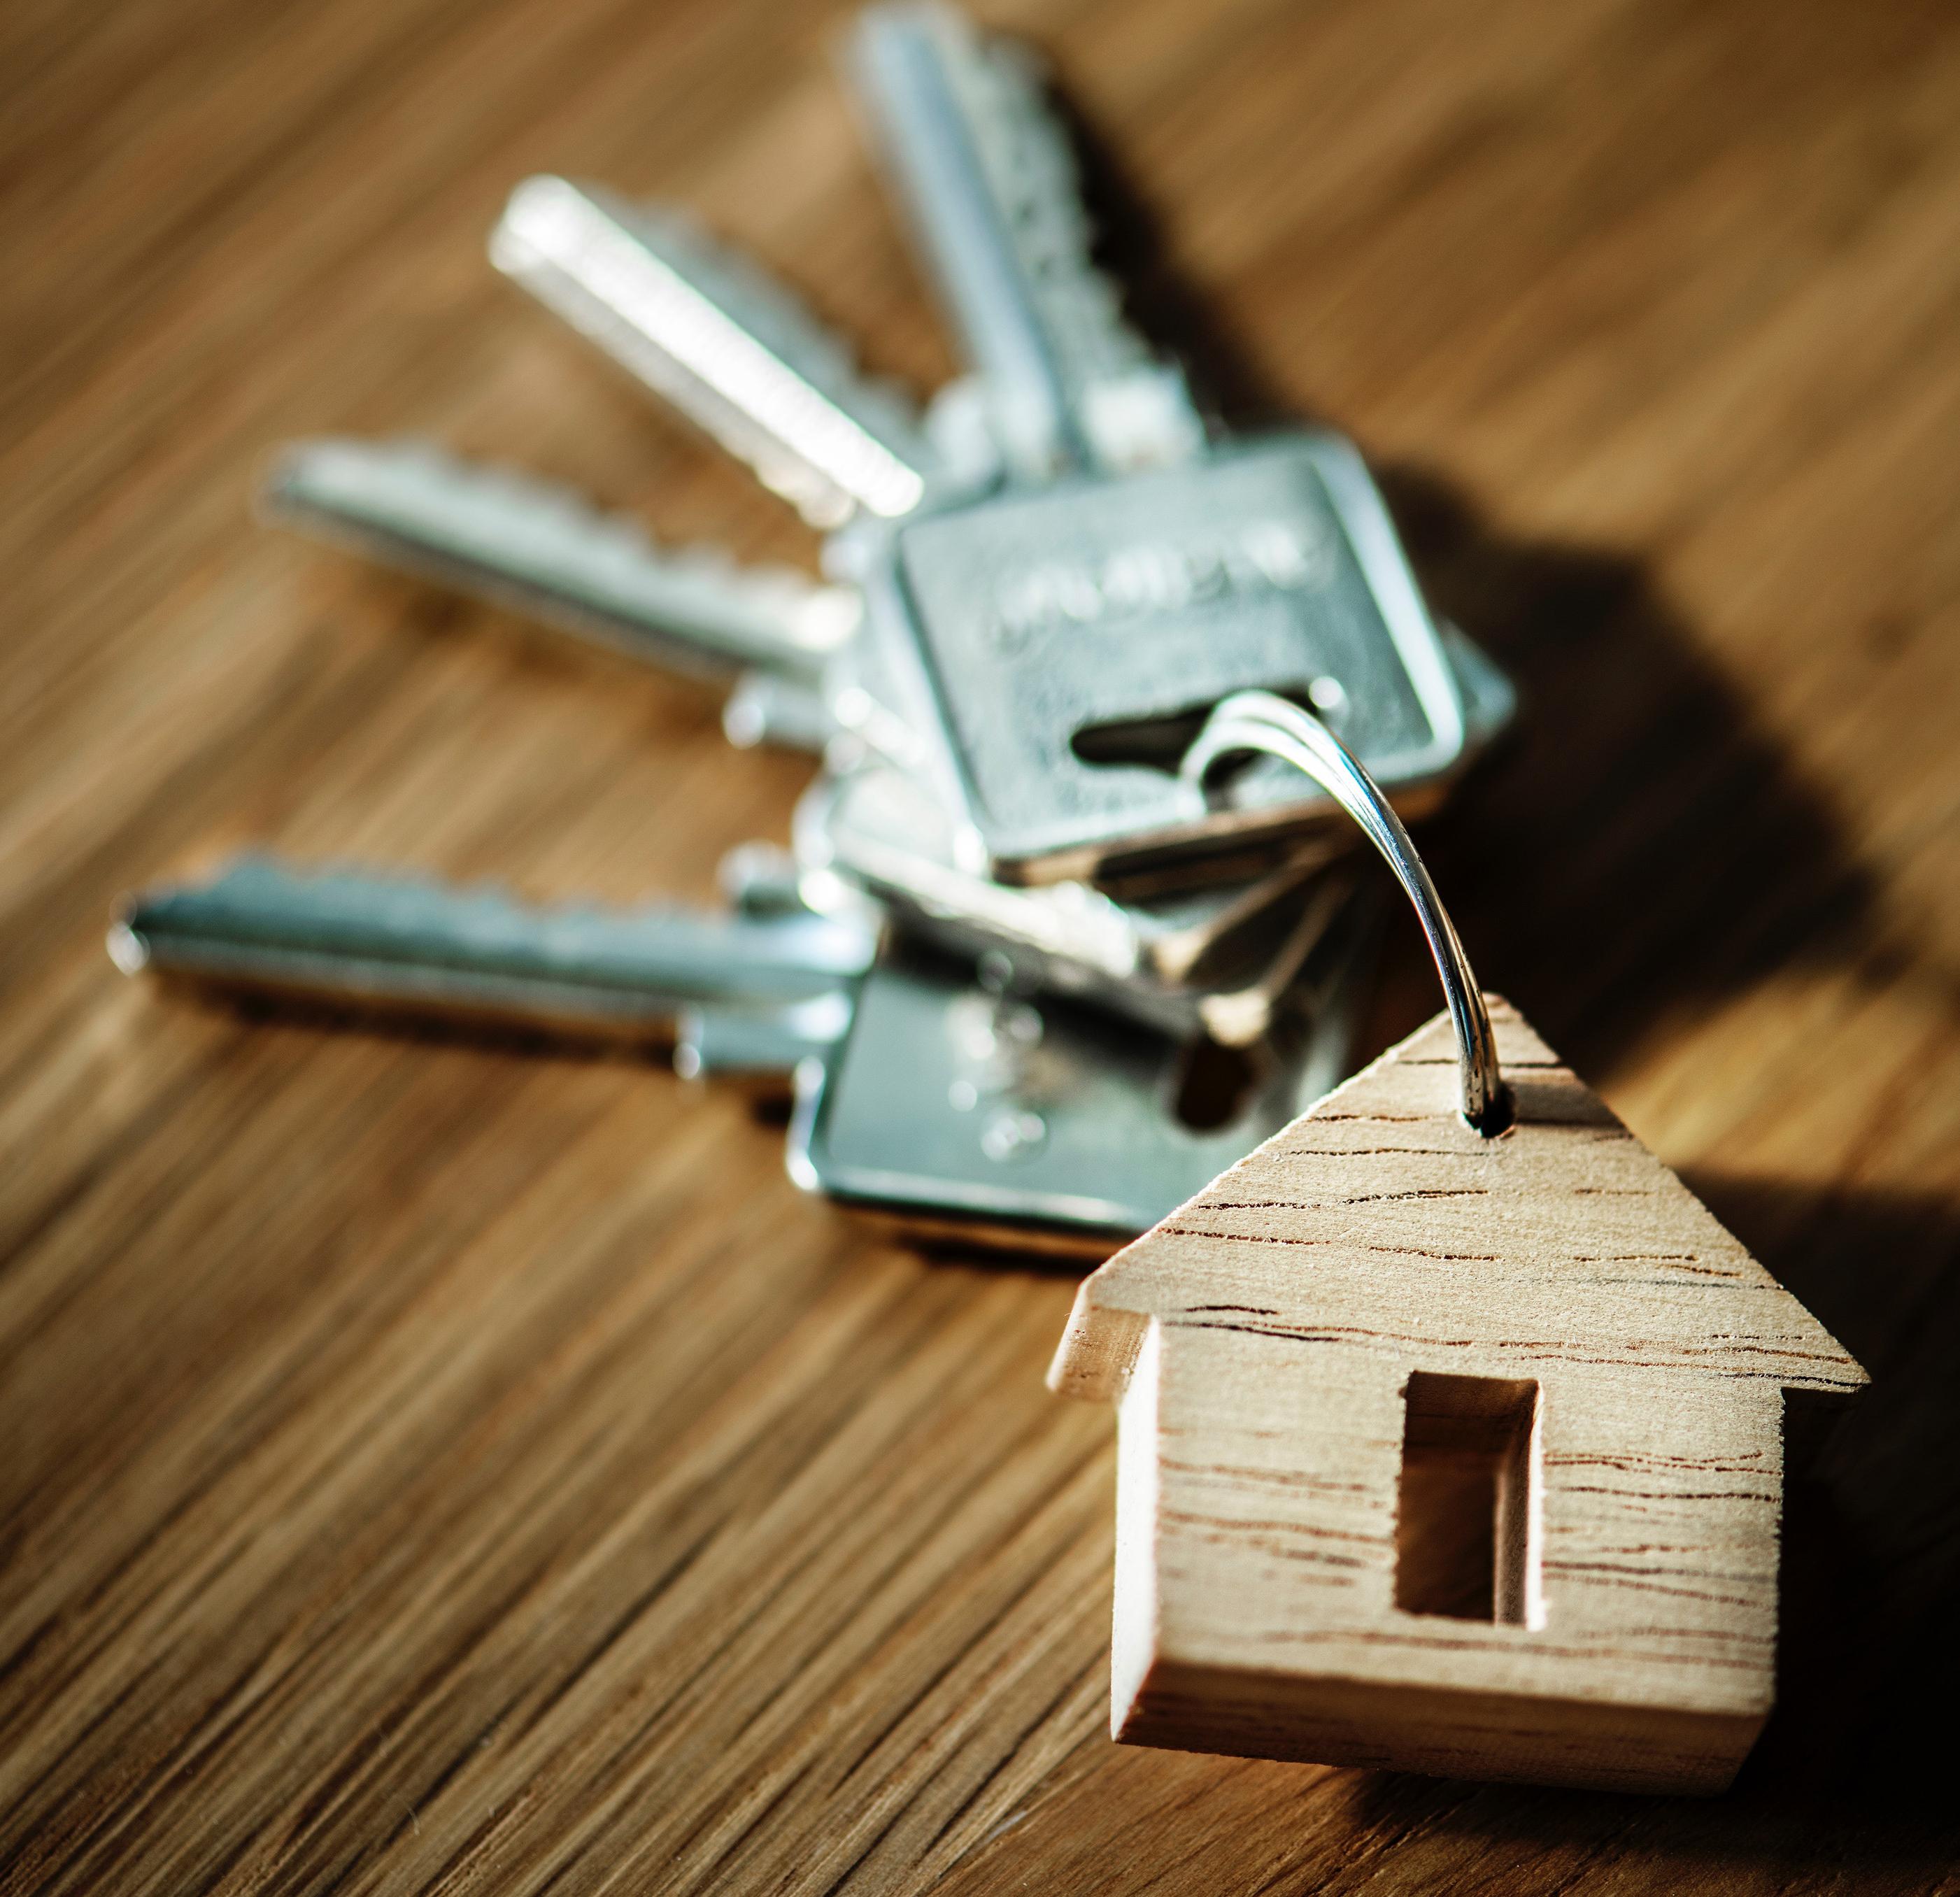 hipoteca La banca financió vivienda sistemáticamente por encima del valor de transmisión los años anteriores a la crisis